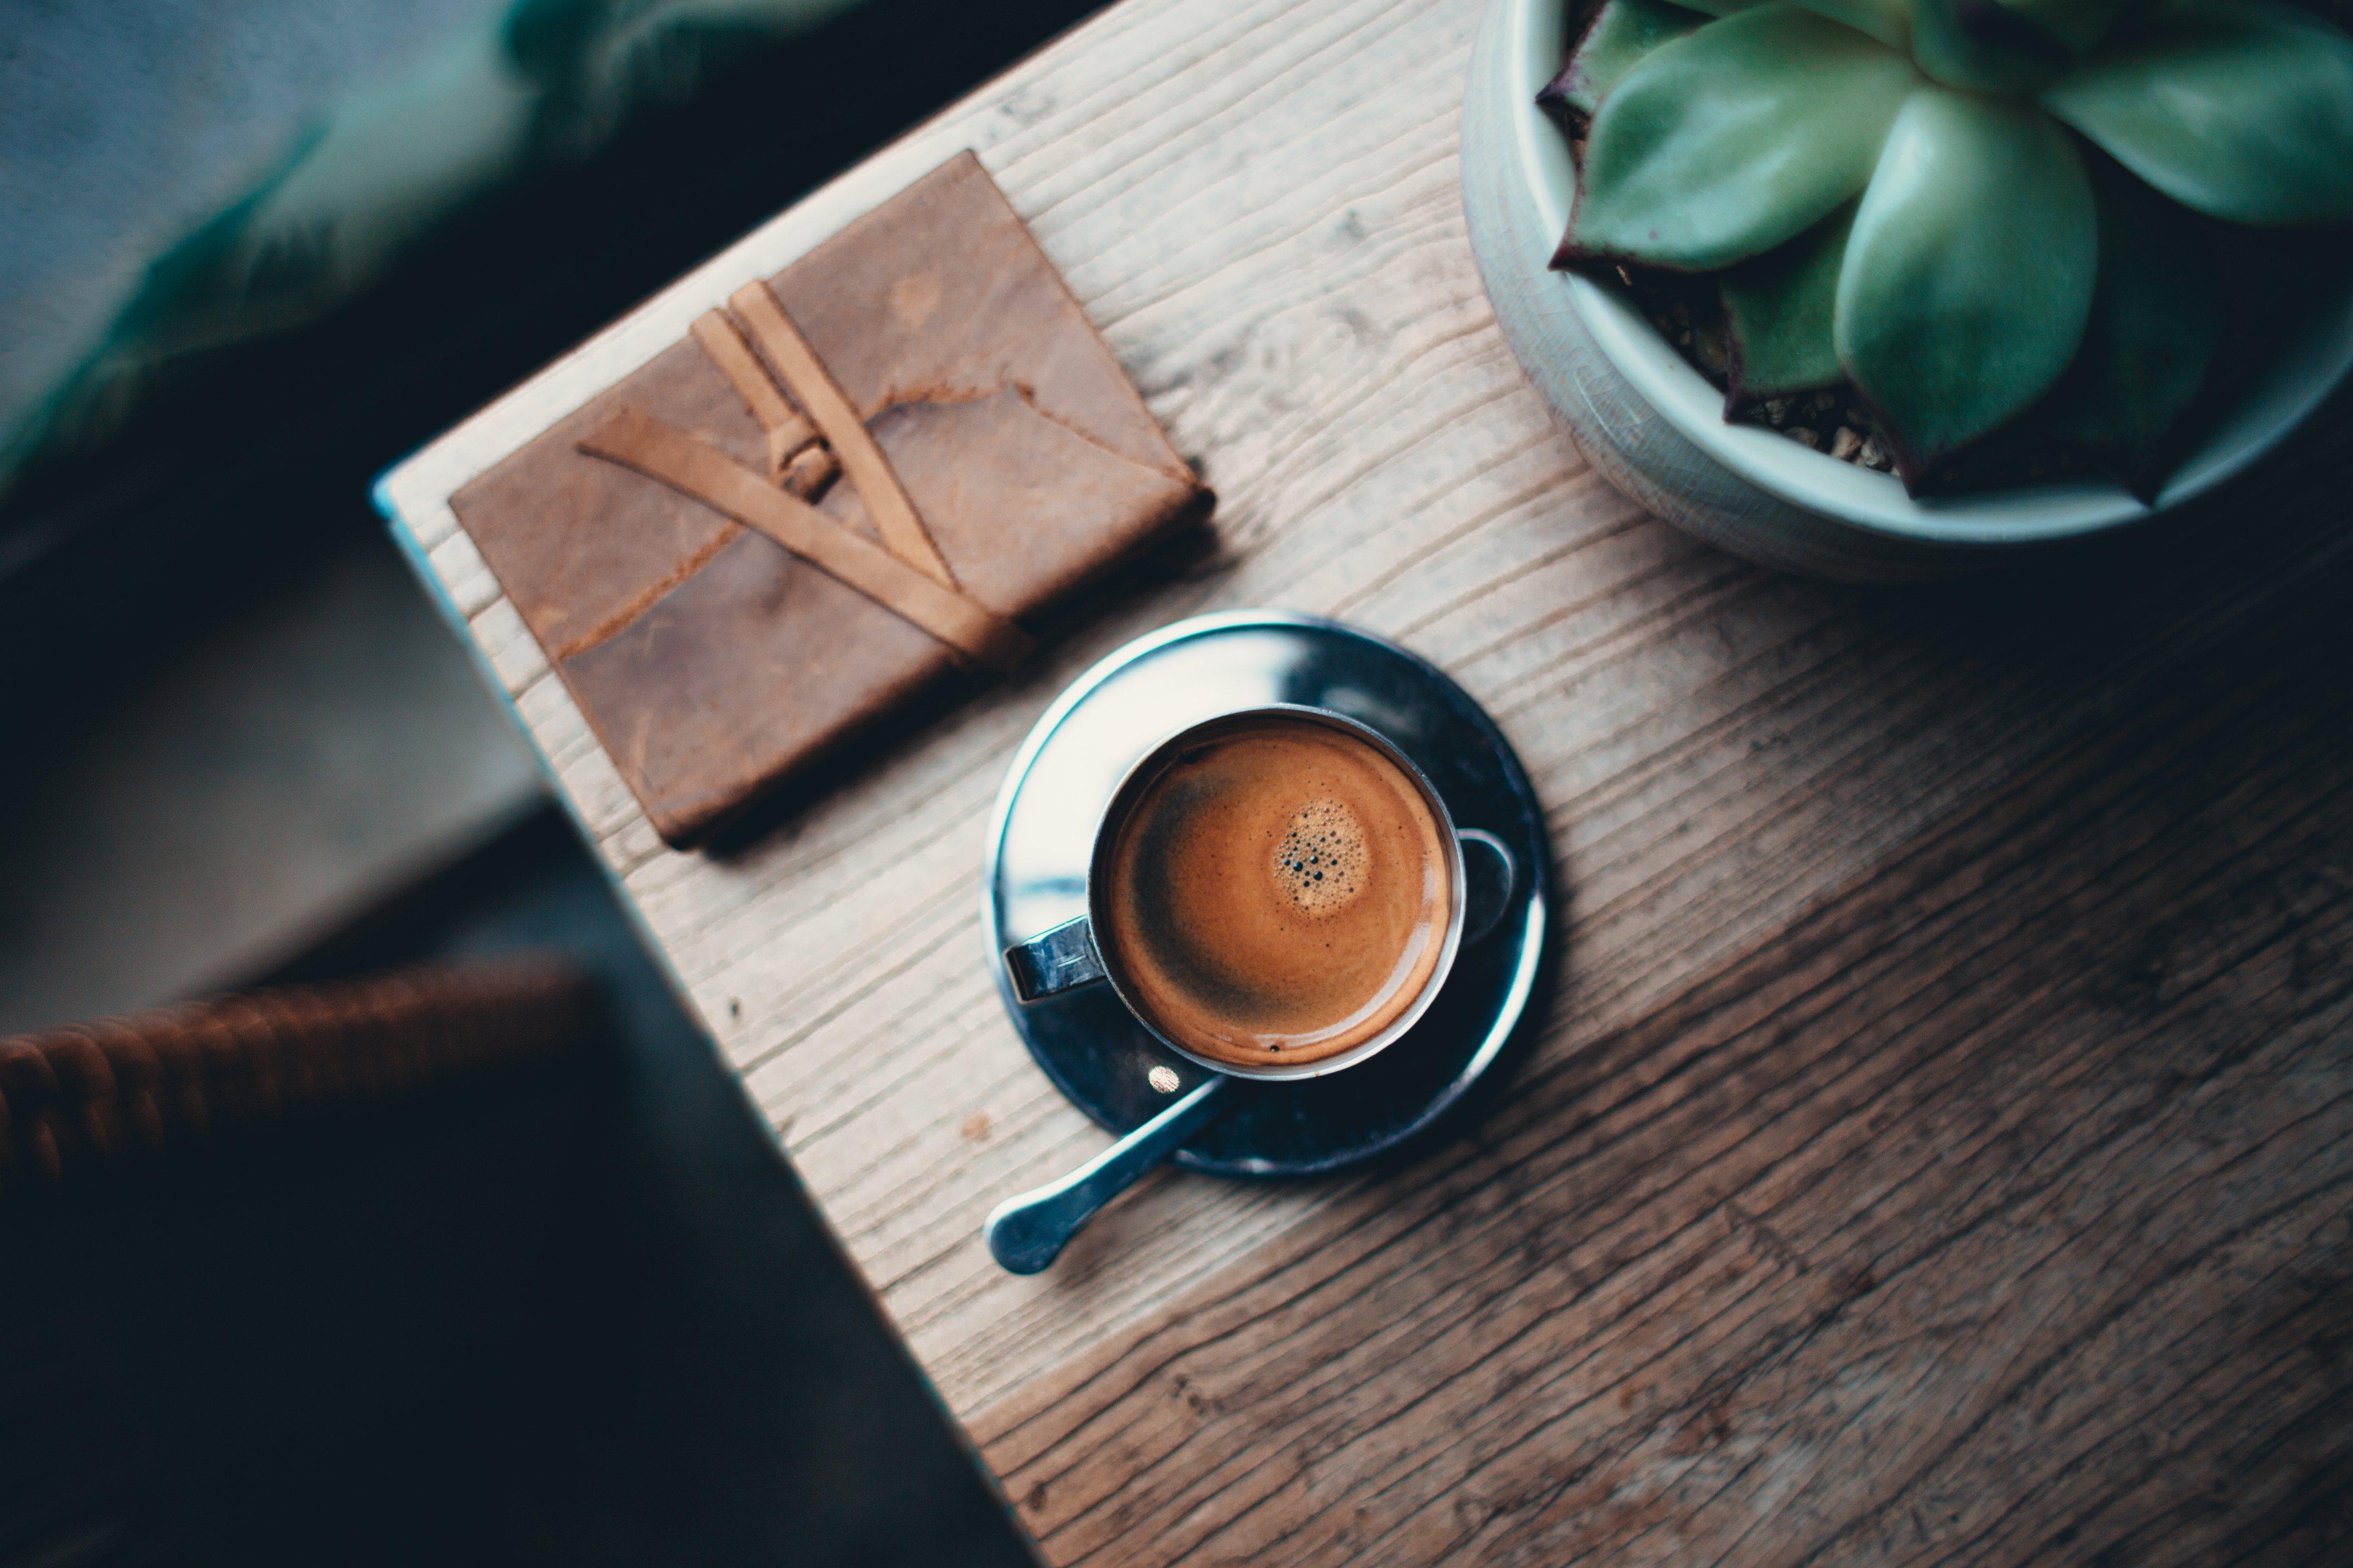 74705 Hintergrundbild herunterladen Lebensmittel, Getränke, Coffee, Eine Tasse, Tasse, Schaum, Meerschaum, Trinken, Der Löffel, Löffel, Untertasse - Bildschirmschoner und Bilder kostenlos